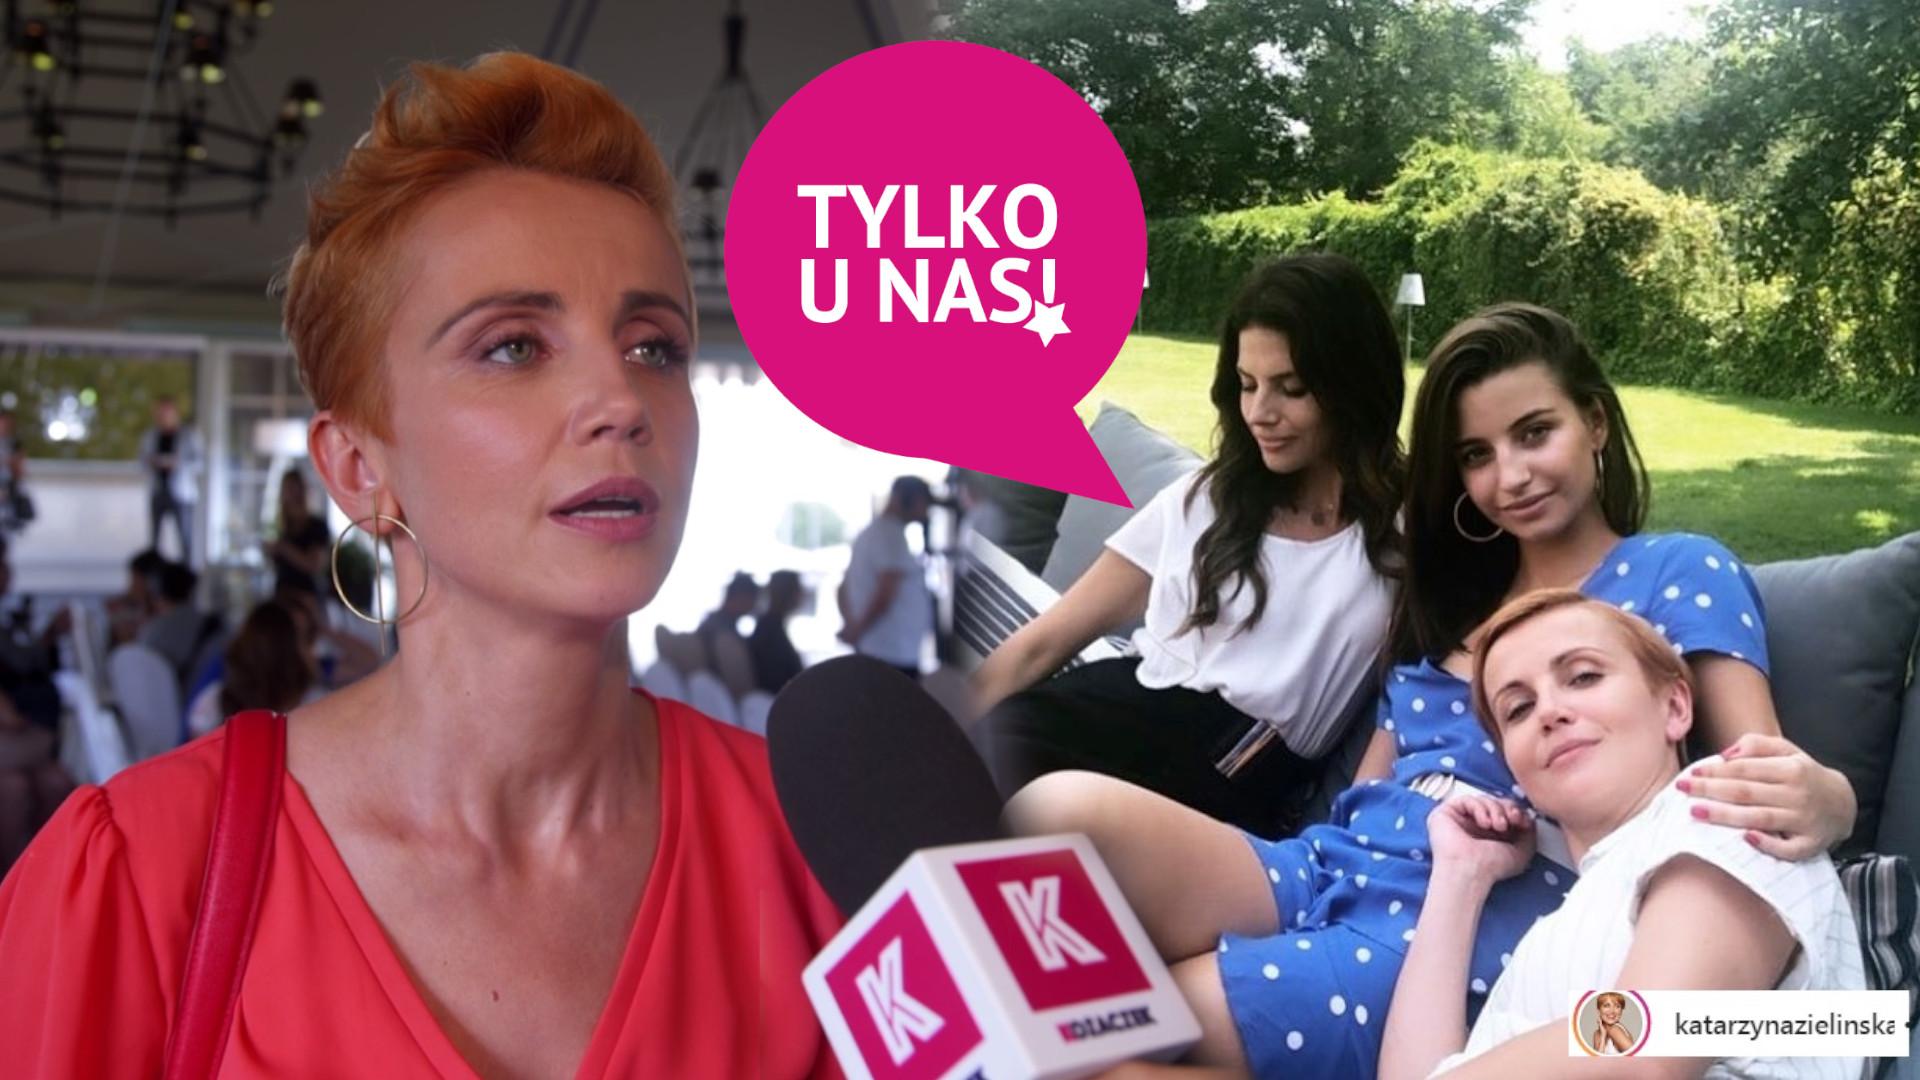 Katarzyna Zielińska opowiedziała nam, jak się pracowało na planie z Weroniką Rosati i Julią Wieniawą